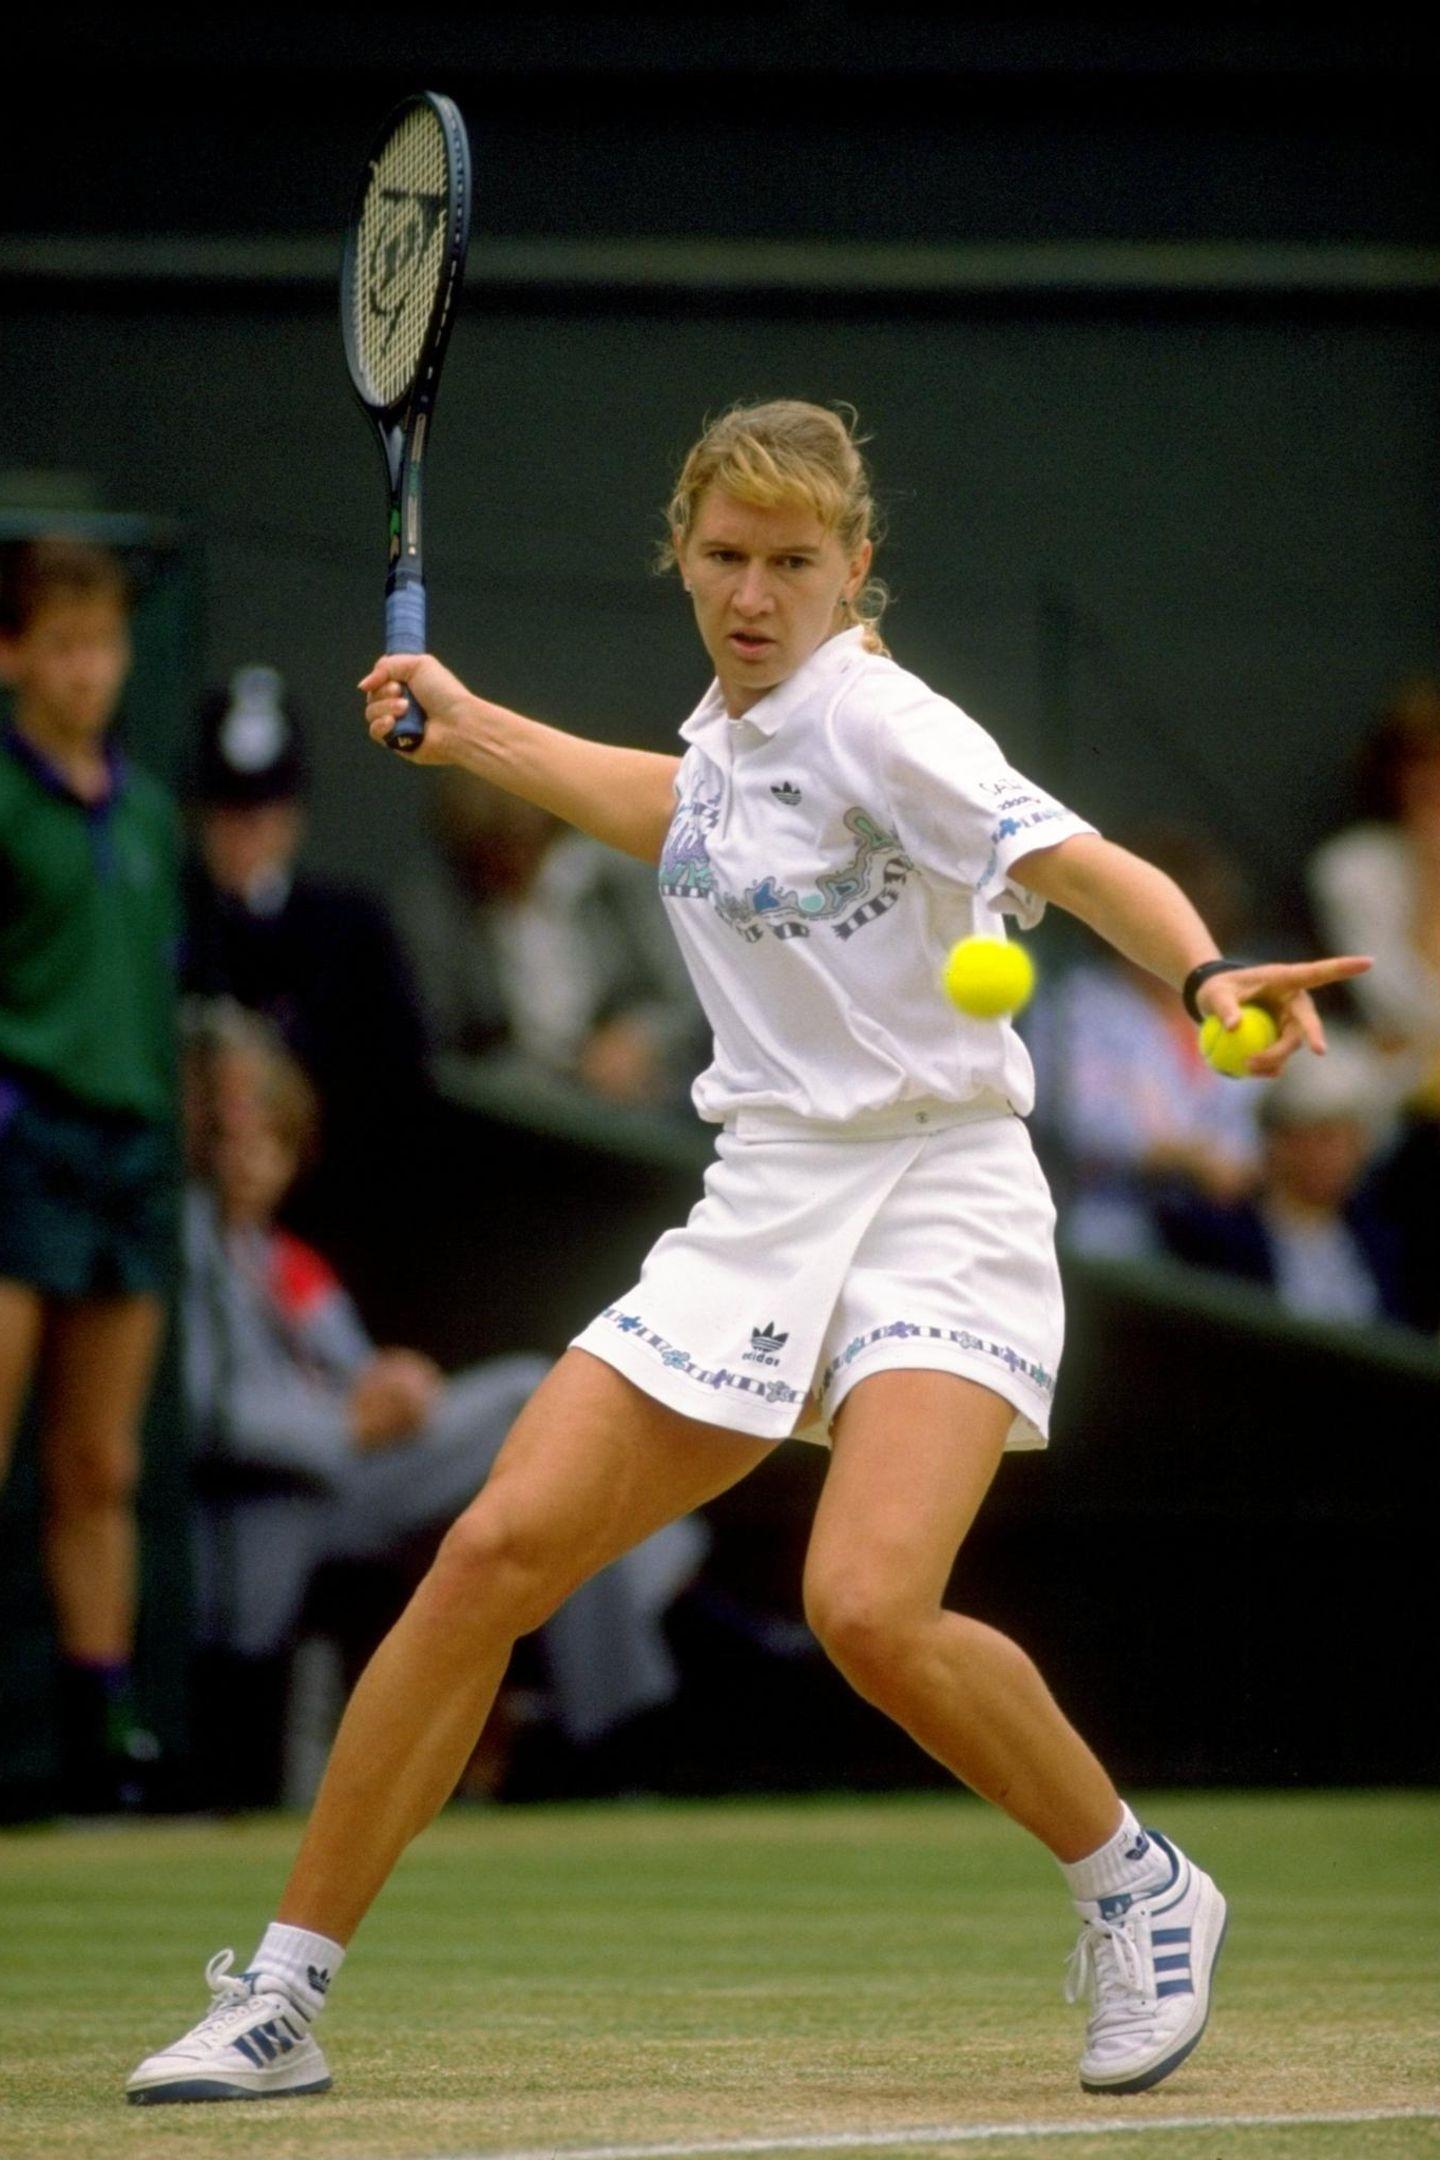 """Wegen ihrer hart geschlagenen Vorhand, mit der sie meist das Match dominiert, bekommt Steffi Graf (hier 1989) den Spitznamen """"Fräulein Vorhand""""."""